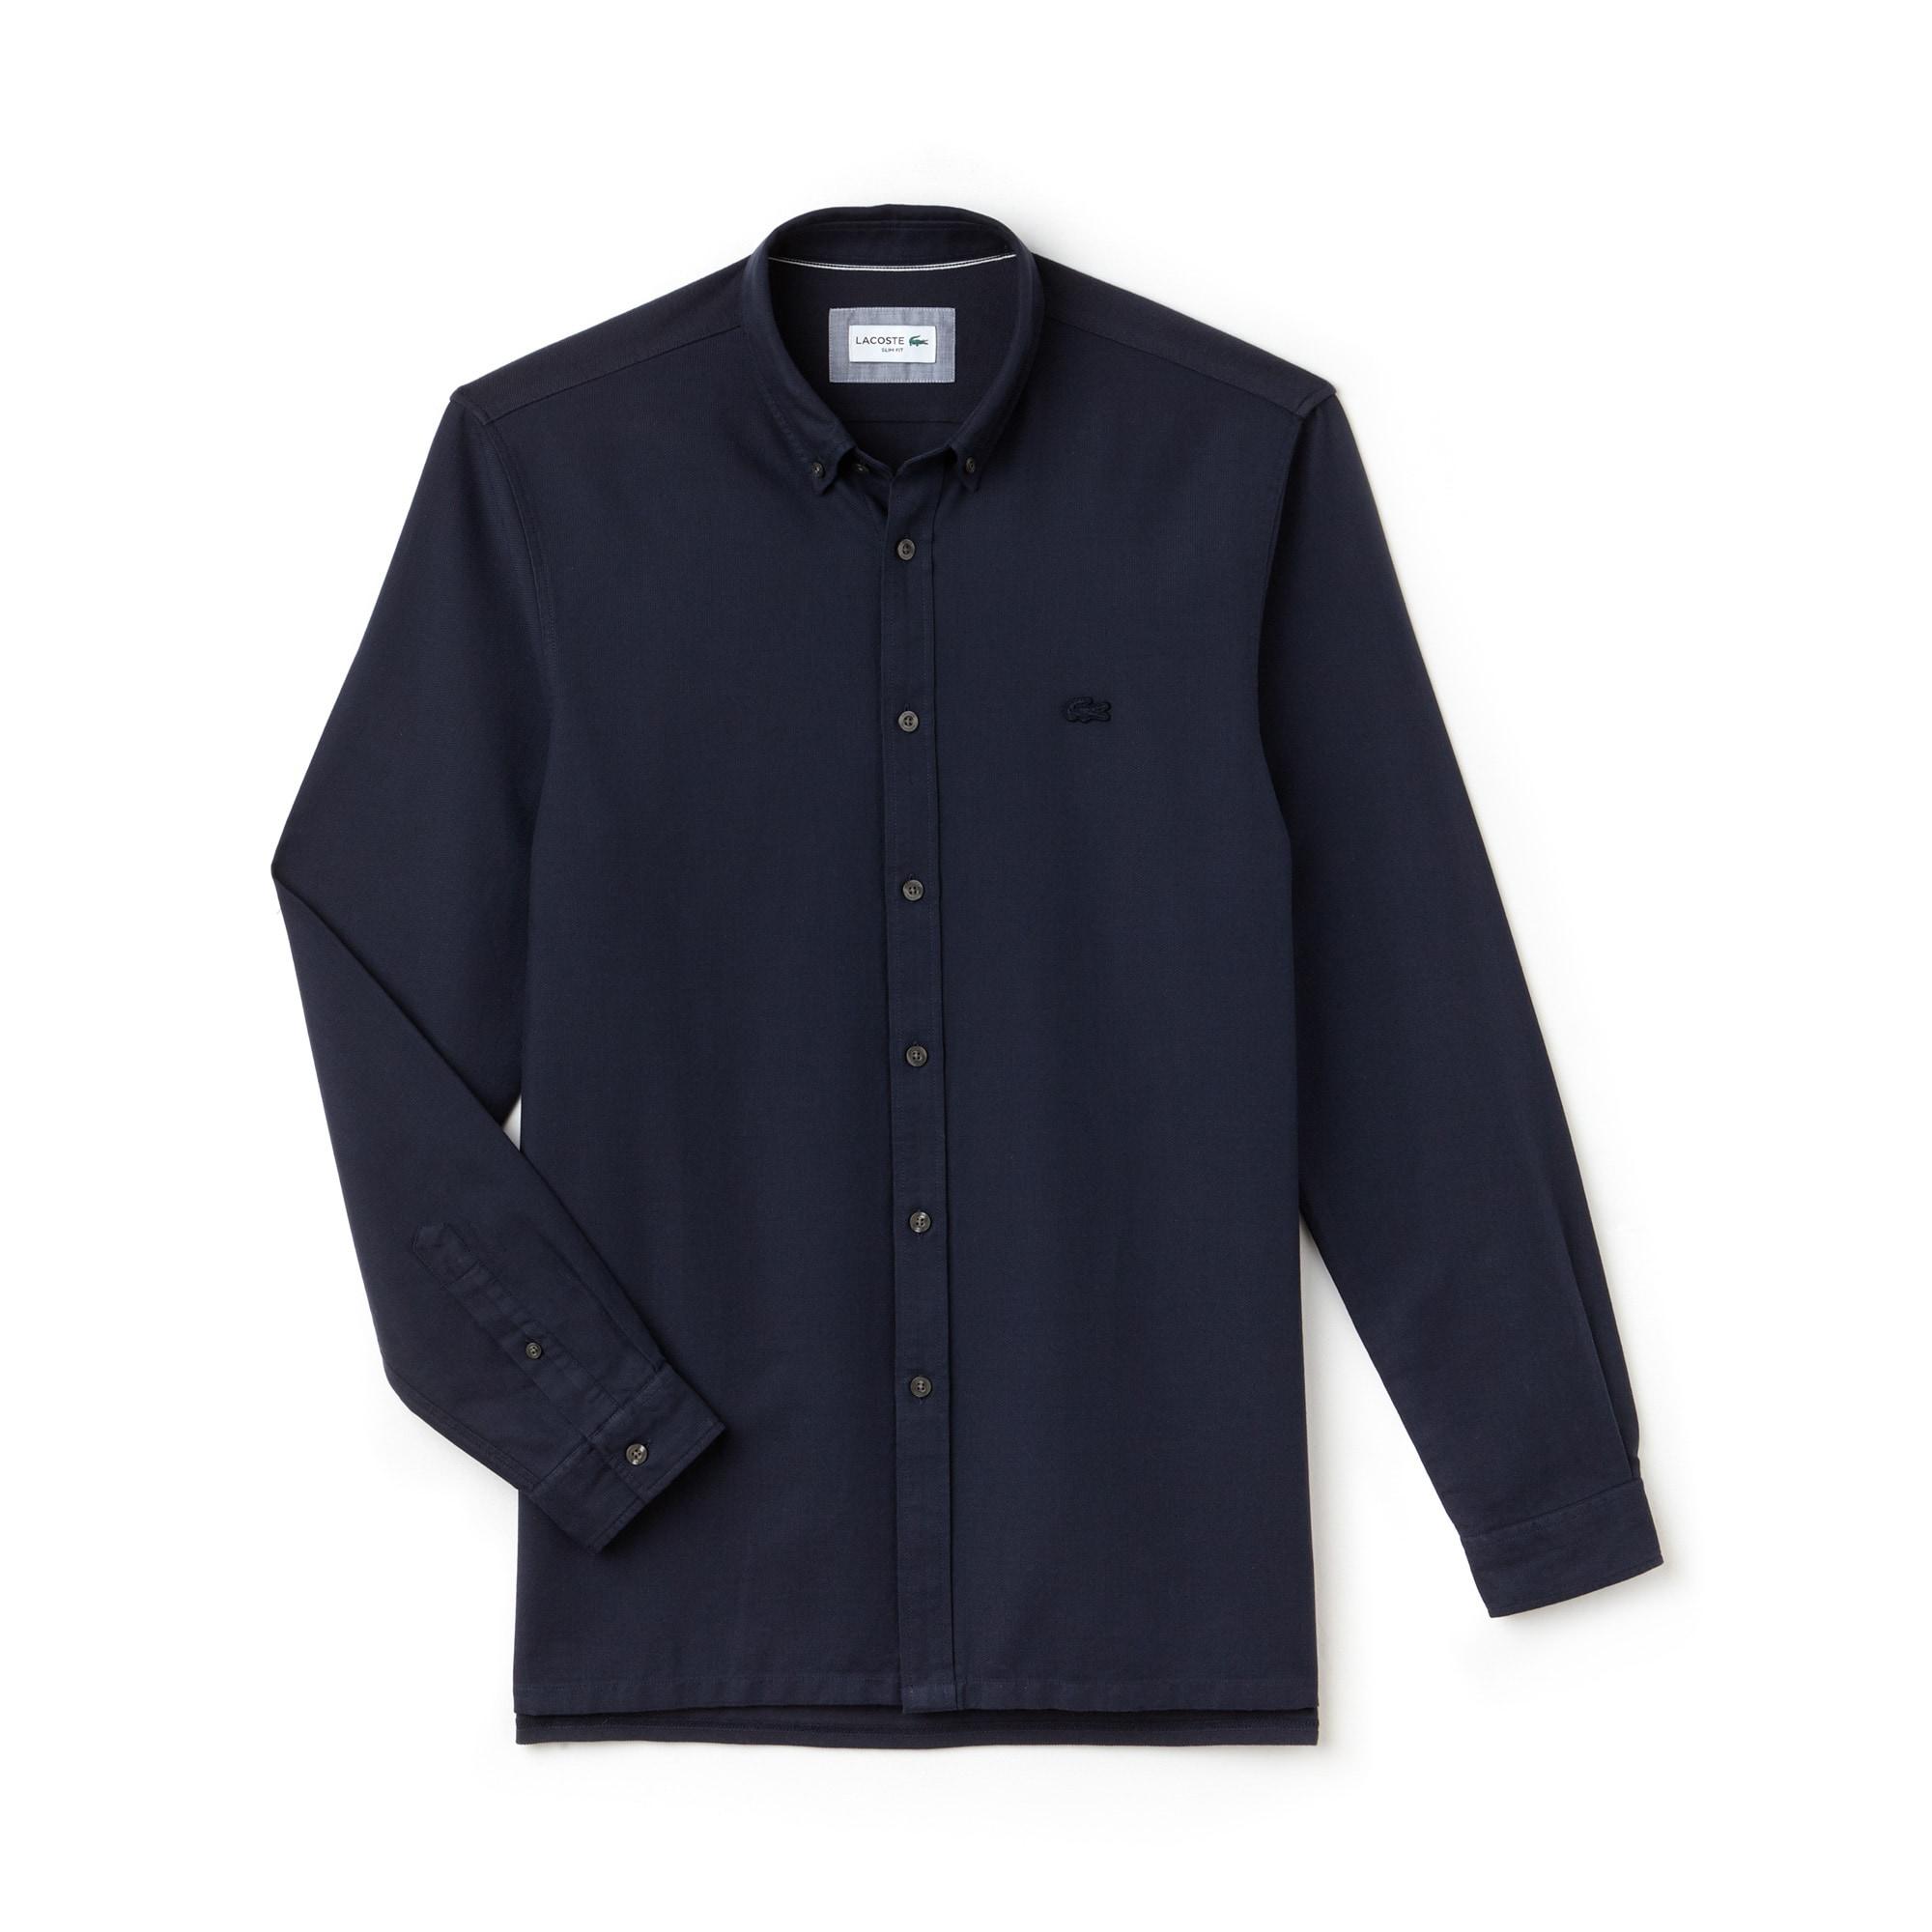 Slim Fit Herren-Hemd MOTION aus Baumwoll-Piqué